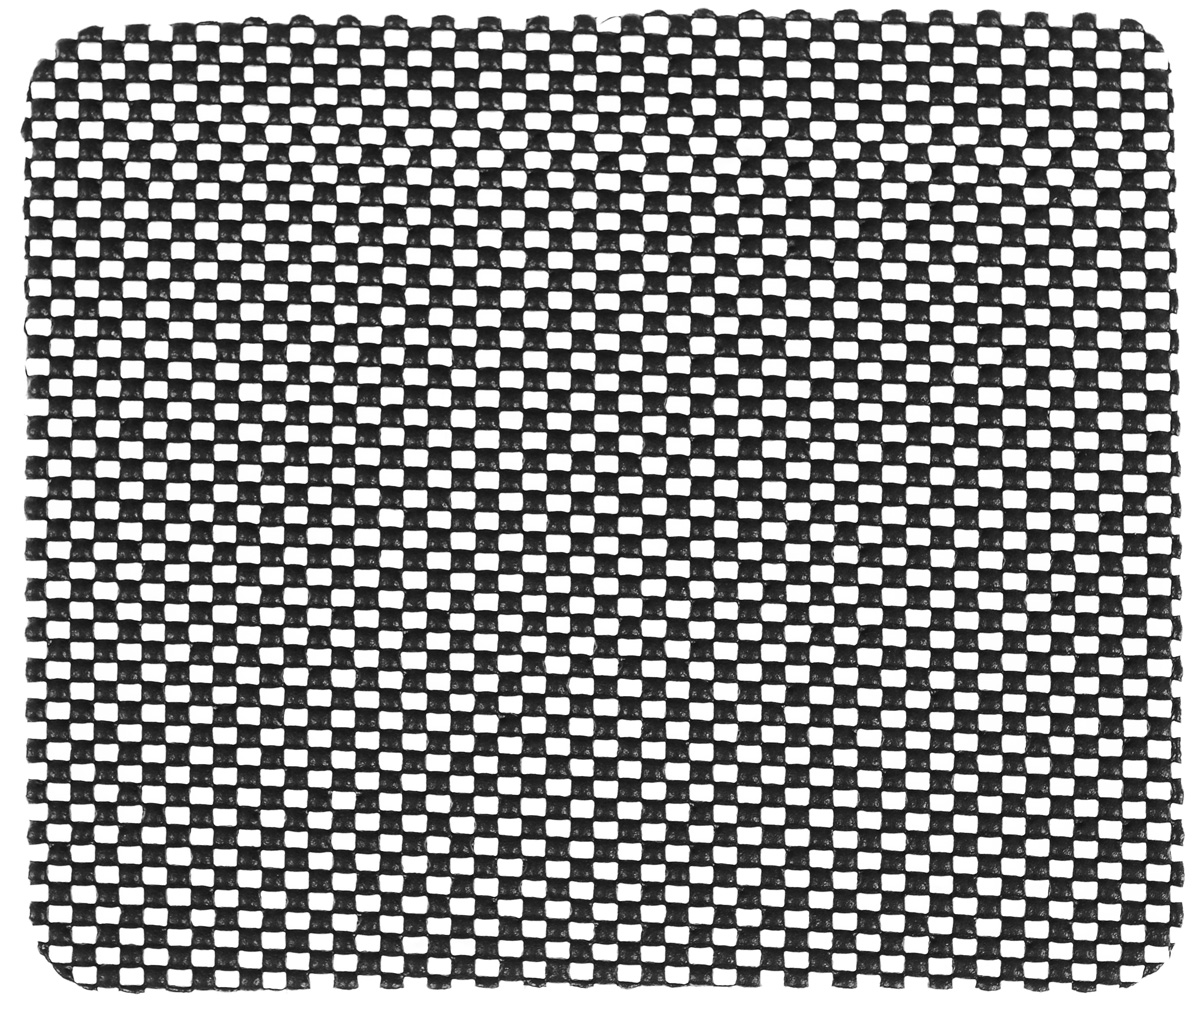 Коврик противоскользящий AVS, 19 х 22 см43104Противоскользящий коврик AVS с особой текстурой надежно удержит ваш мобильный телефон, MP3, GPS, планшет, очки и другие небольшие предметы на приборной панели. Благодаря специальной структуре поверхности, препятствует соскальзыванию предметов при движении автомобиля или при расположении предметов на наклонной поверхности. Коврик изготовлен из абсолютно безвредного полиуретана. Стильный и удобный, прост в установке и использовании. Размещается без использования каких-либо клеящих средств. Устойчив к температурному воздействию и ультрафиолетовому излучению. Не липкий, не собирает пыль и грязь.